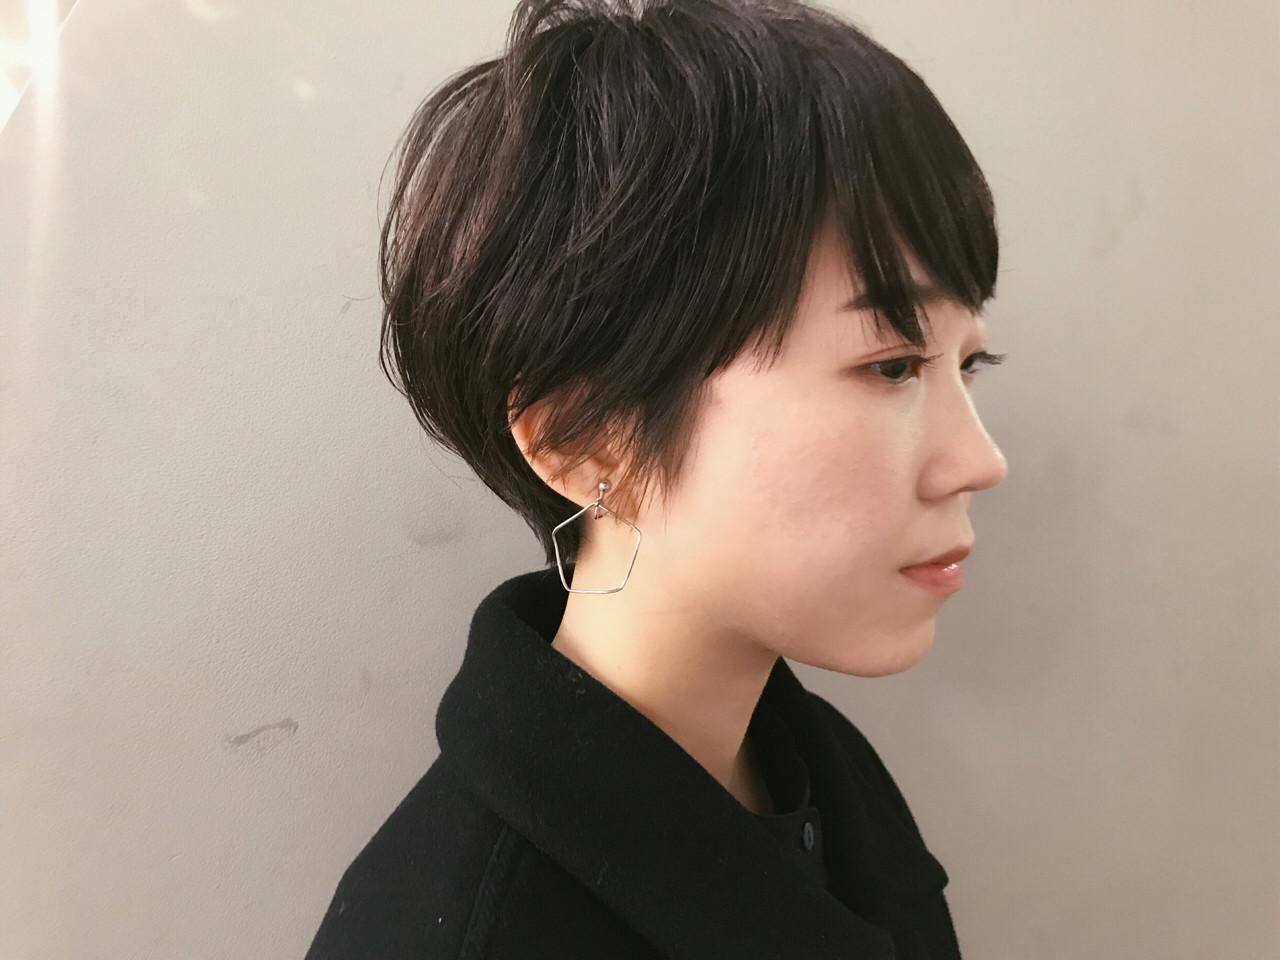 黒髪コンパクトショートでカッコよく 仙頭郁弥